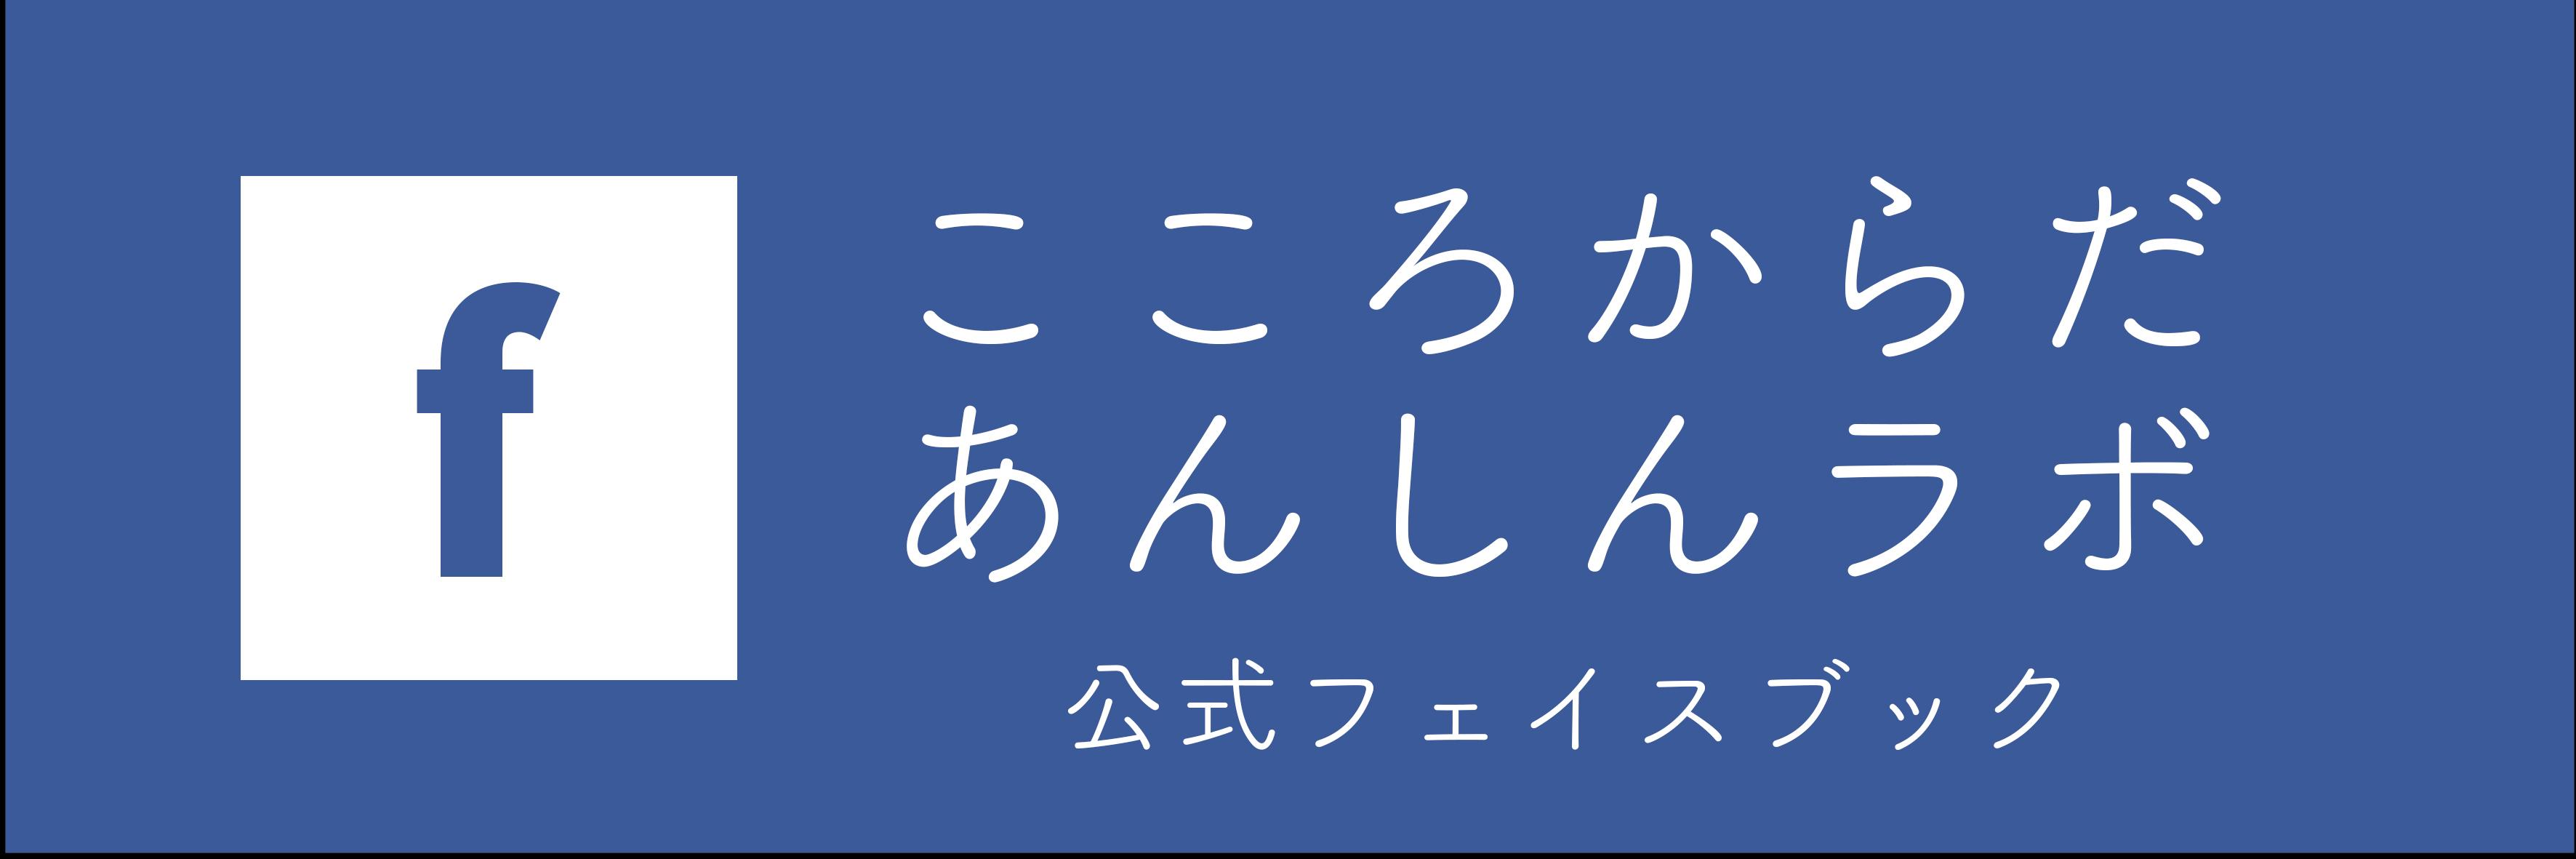 ここラボFacebook